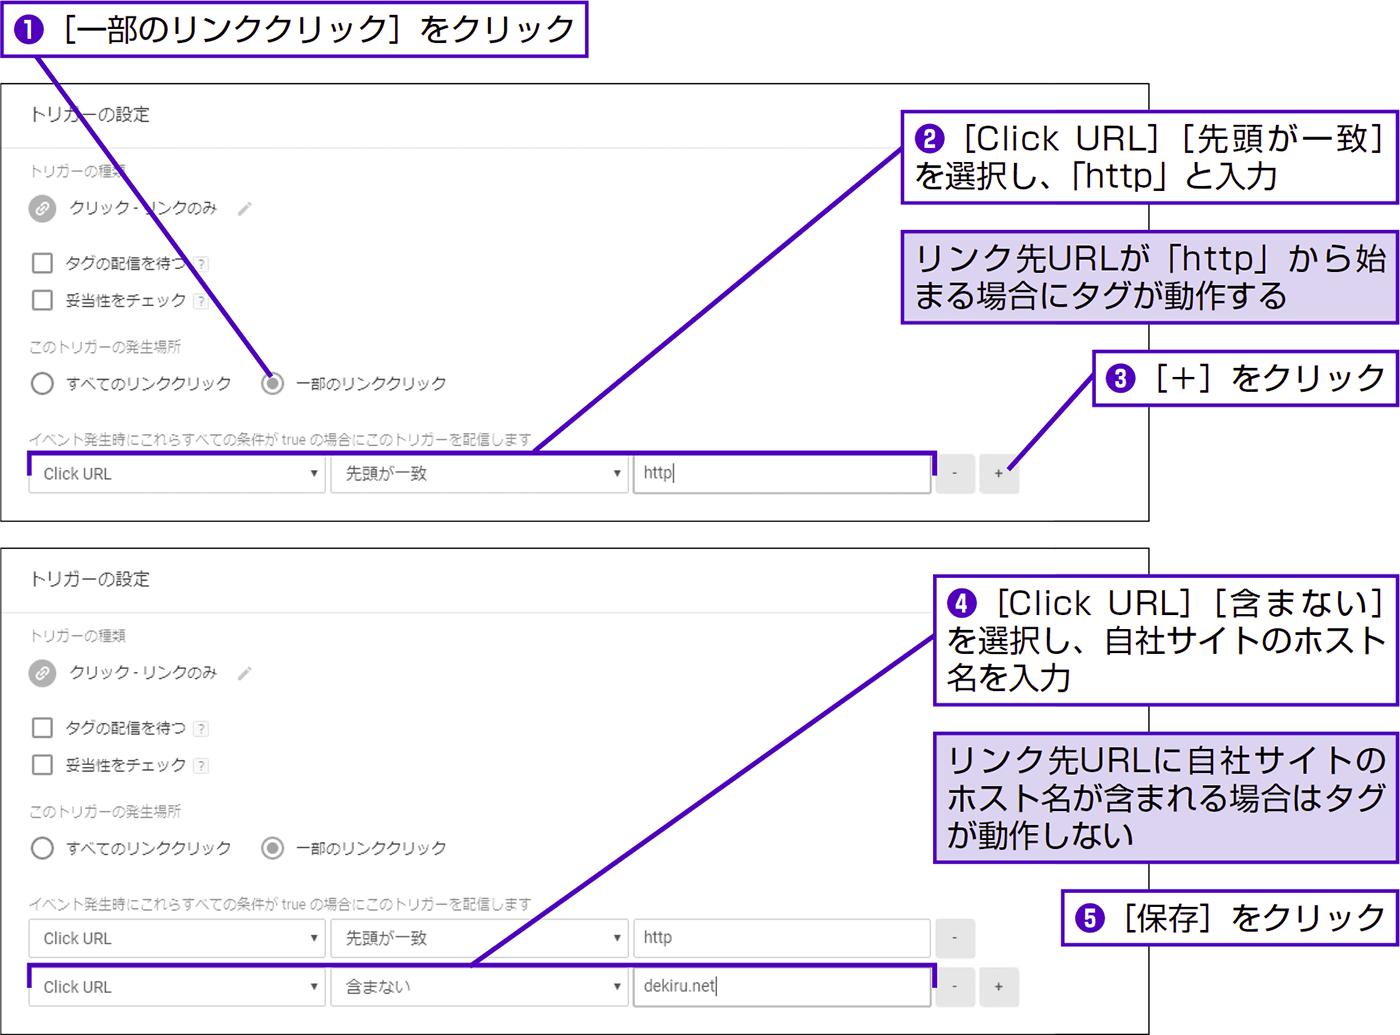 外部リンクのクリックをイベントとして計測する - できる逆引き Googleアナリティクス 増補改訂2版